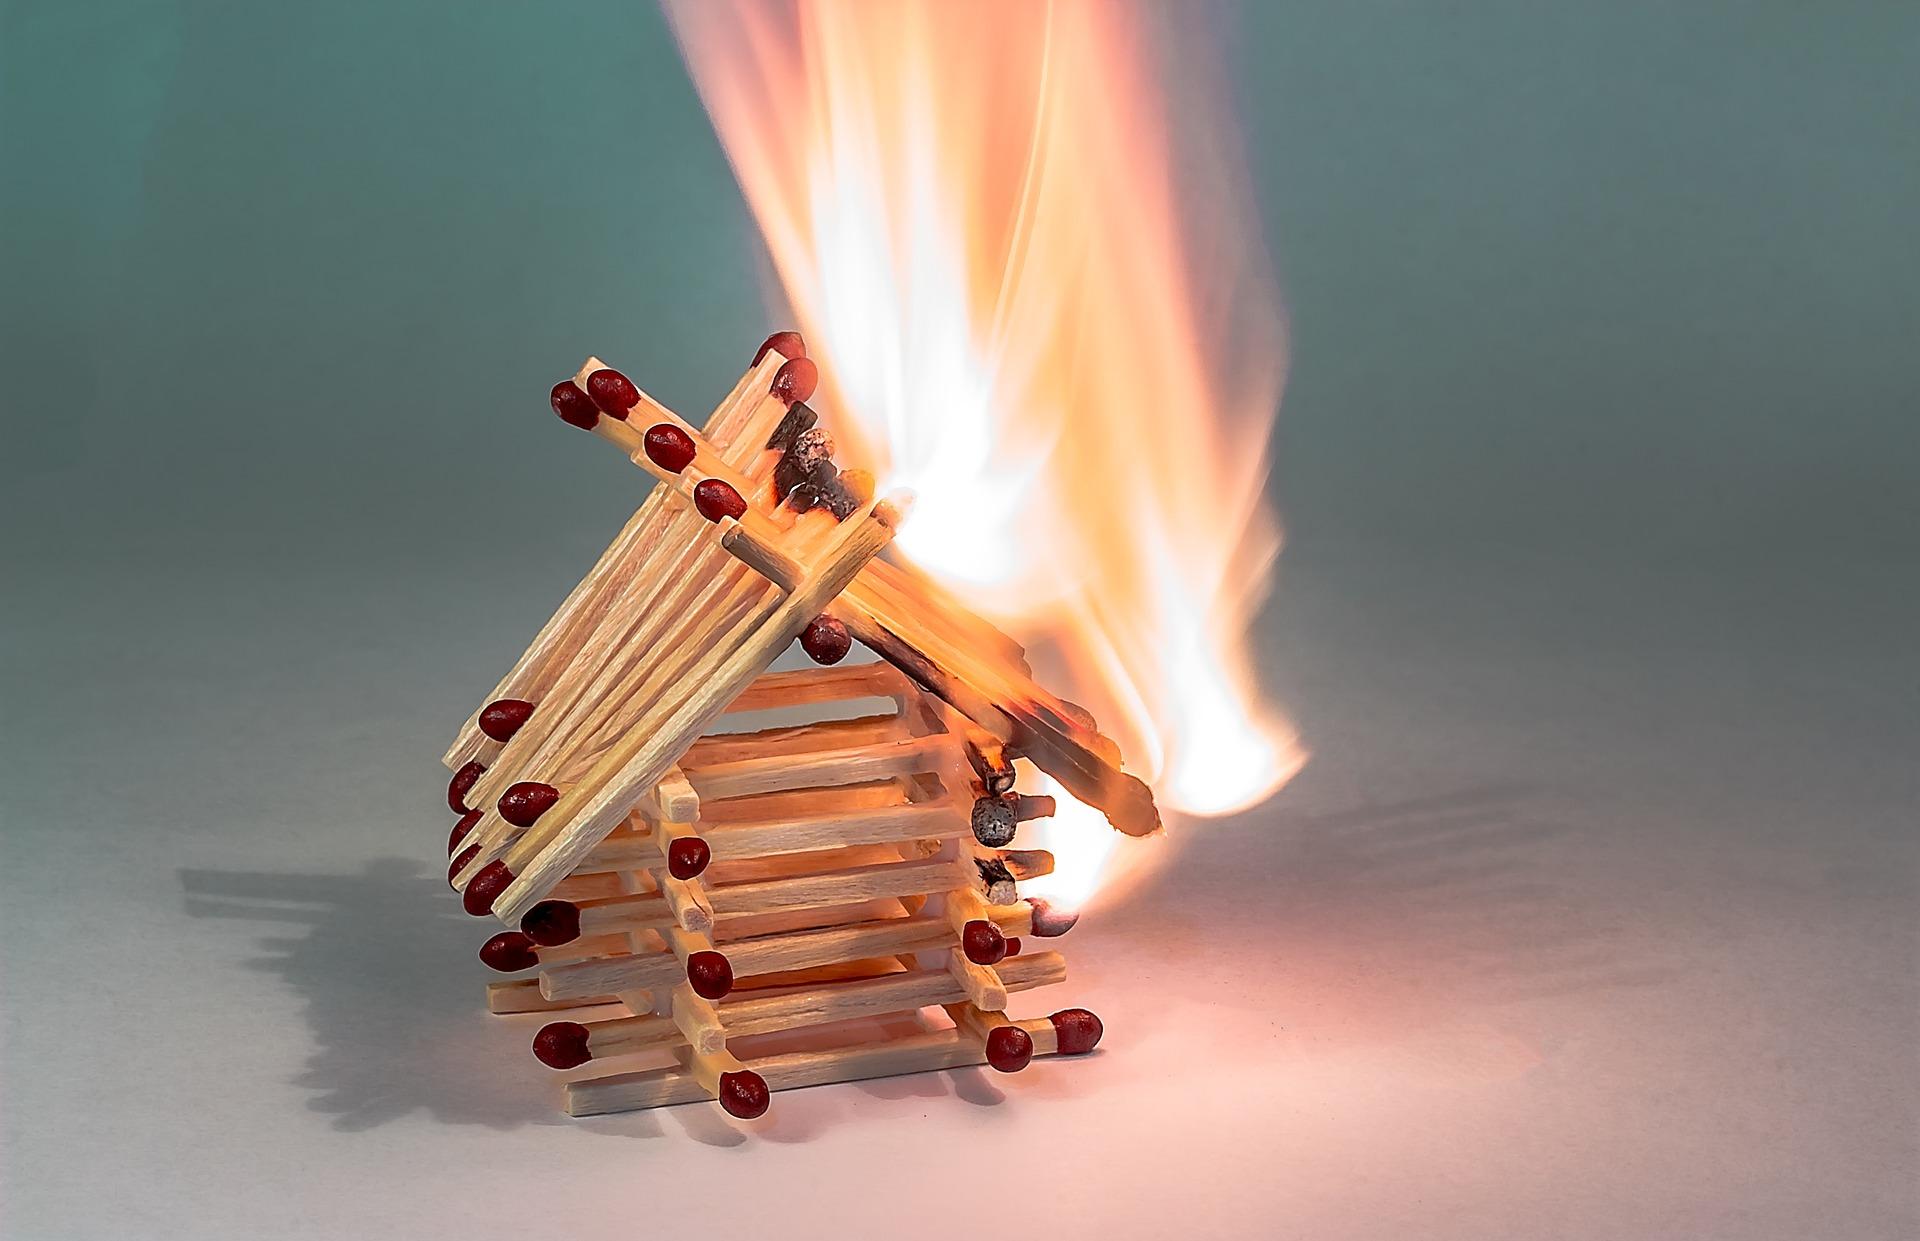 Mit tegyünk, ha tűz keletkezik a lakásban?